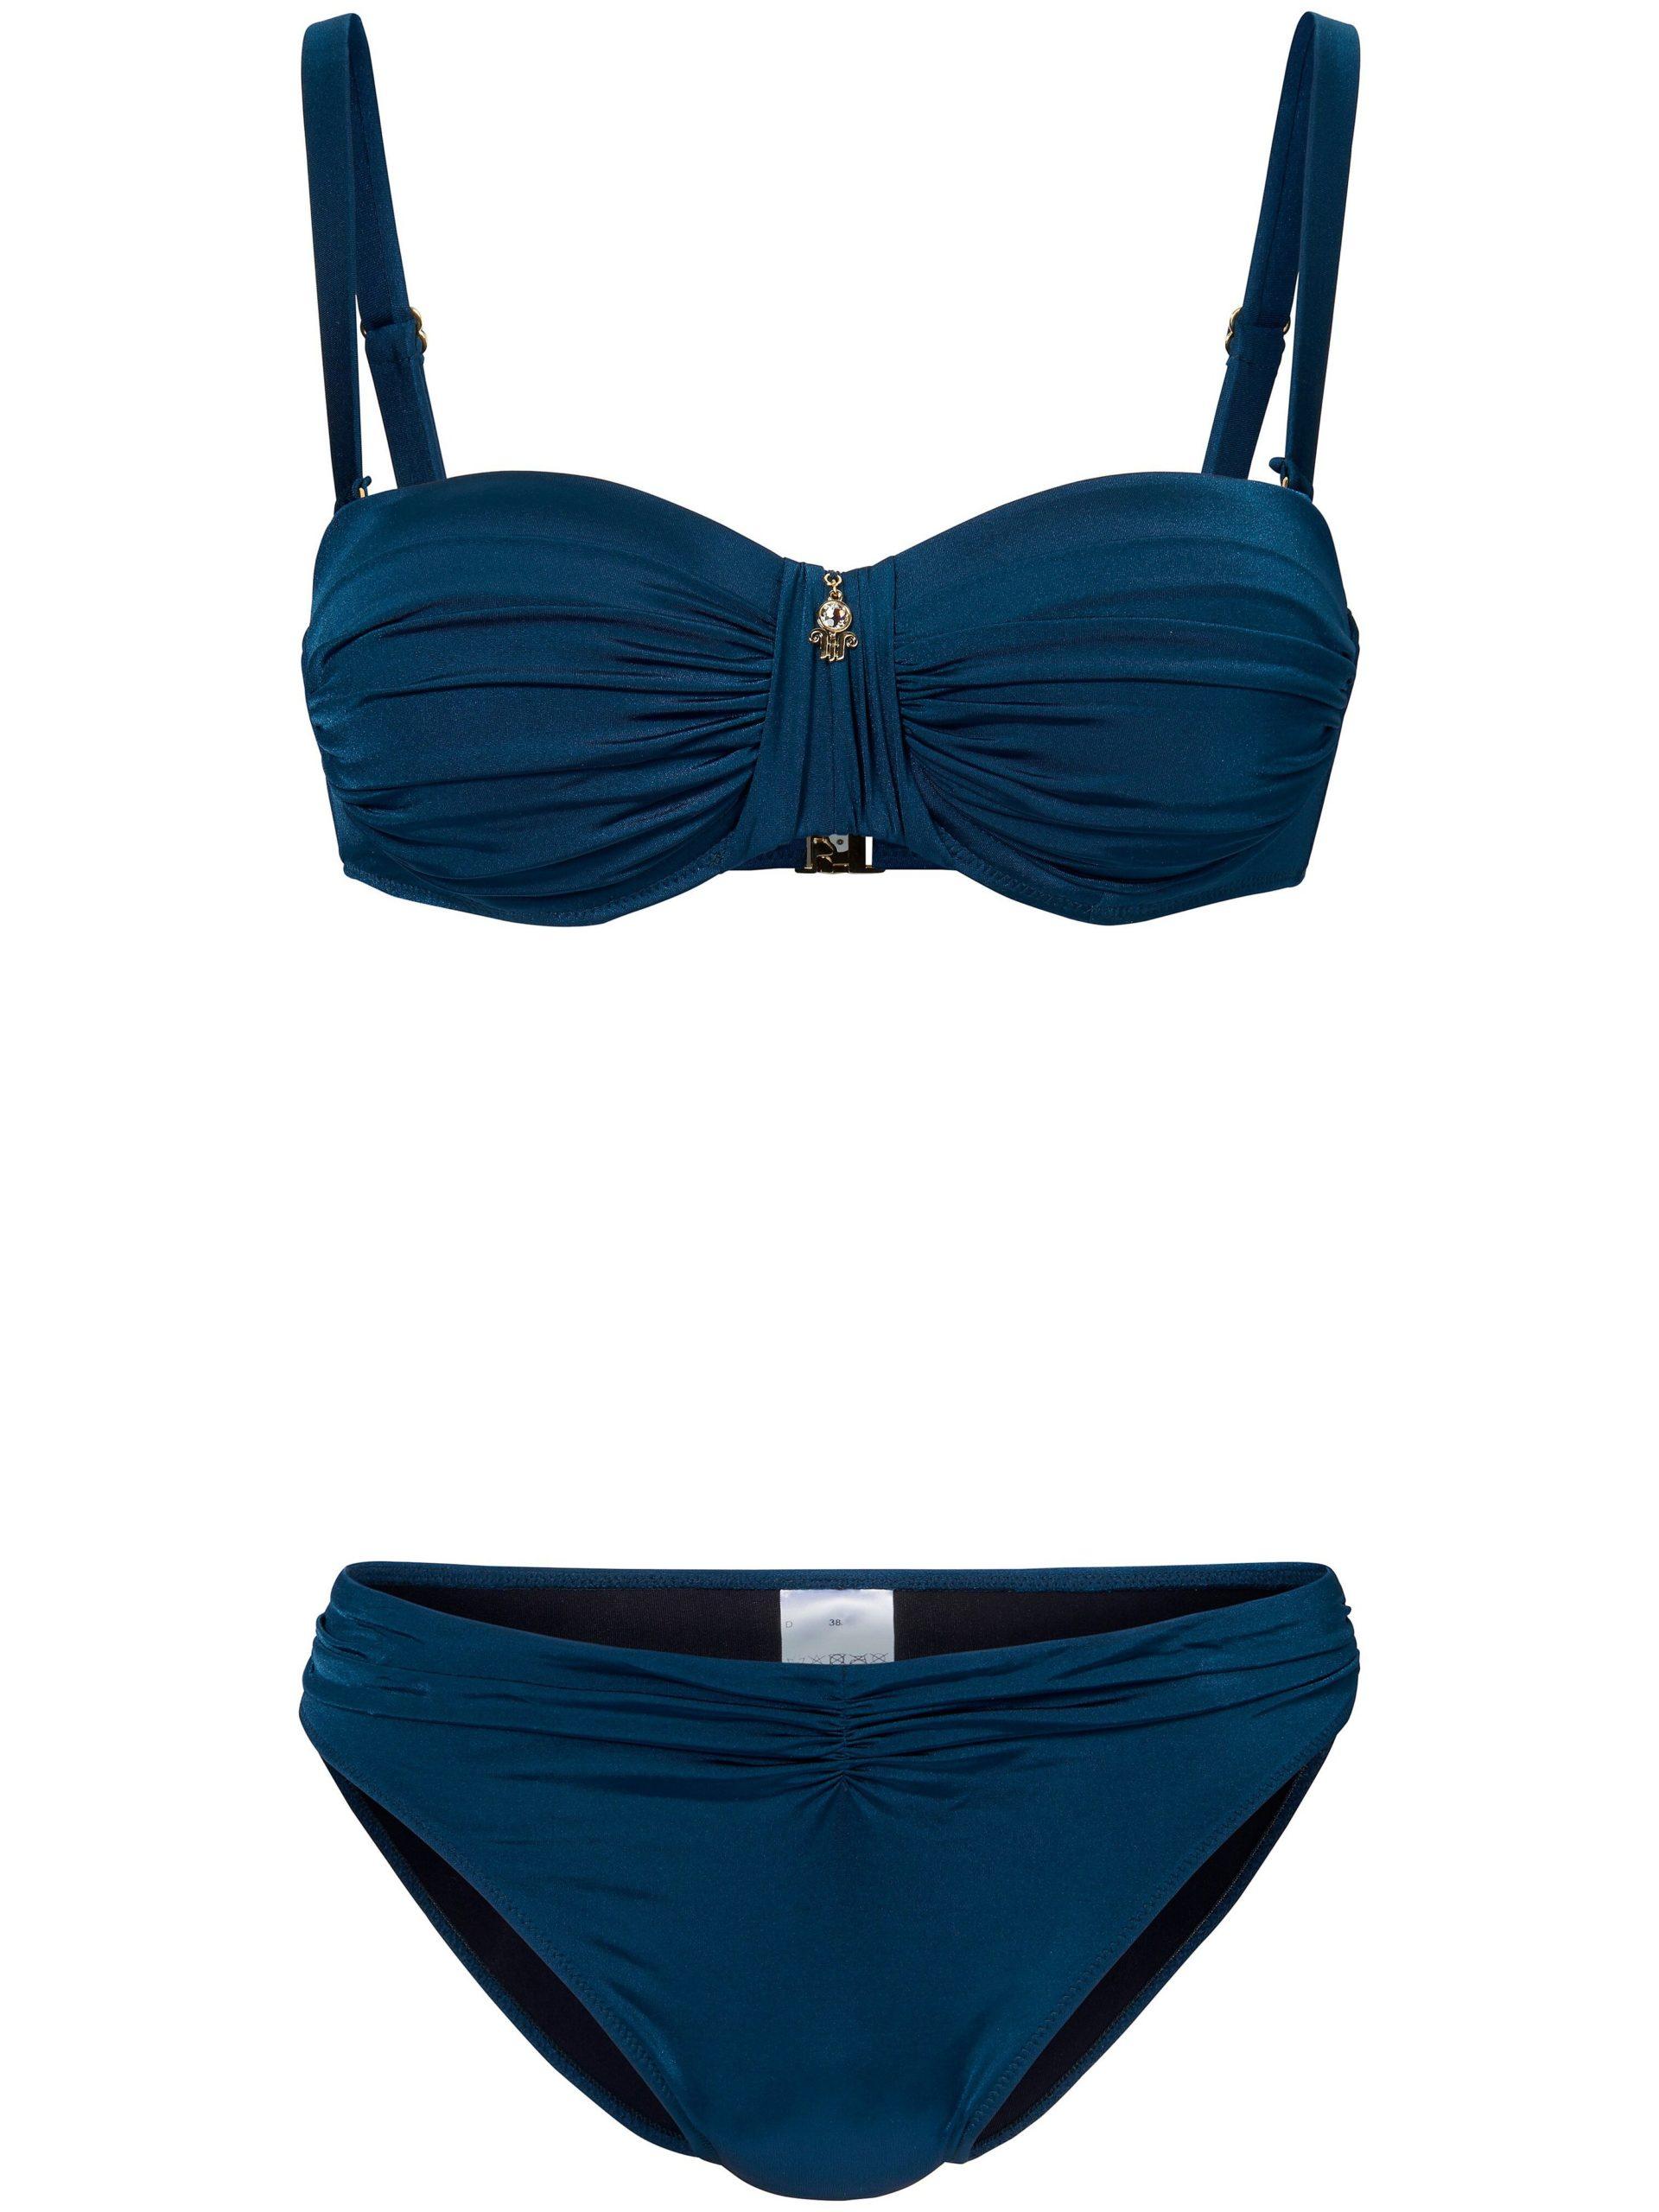 Bikini Xtra Life Van Opera blauw Kopen